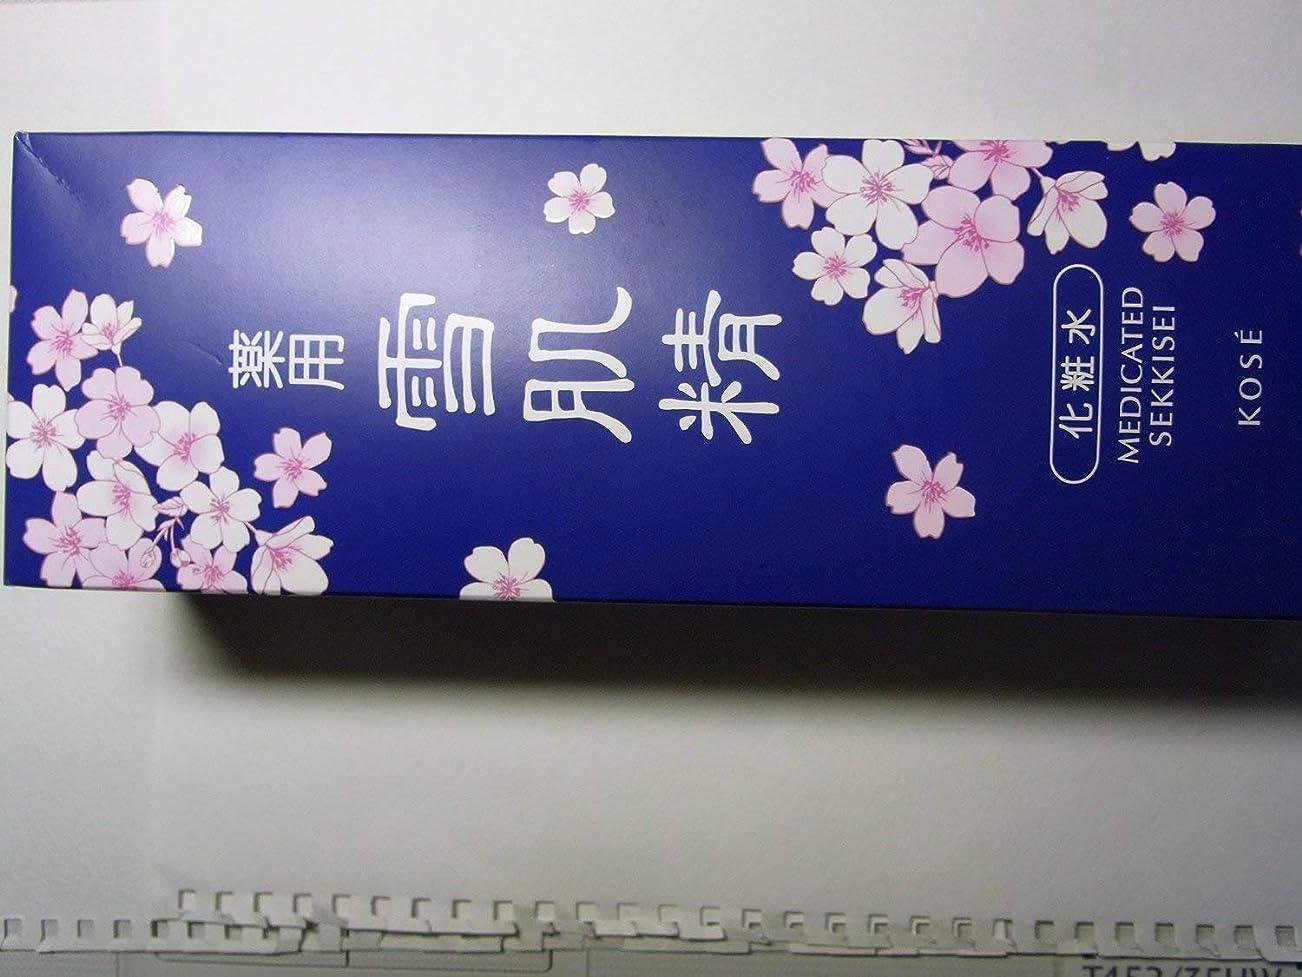 涙蒸発する機関KOSE 薬用 雪肌精 化粧水500ml(桜デザイン限定ボトル)